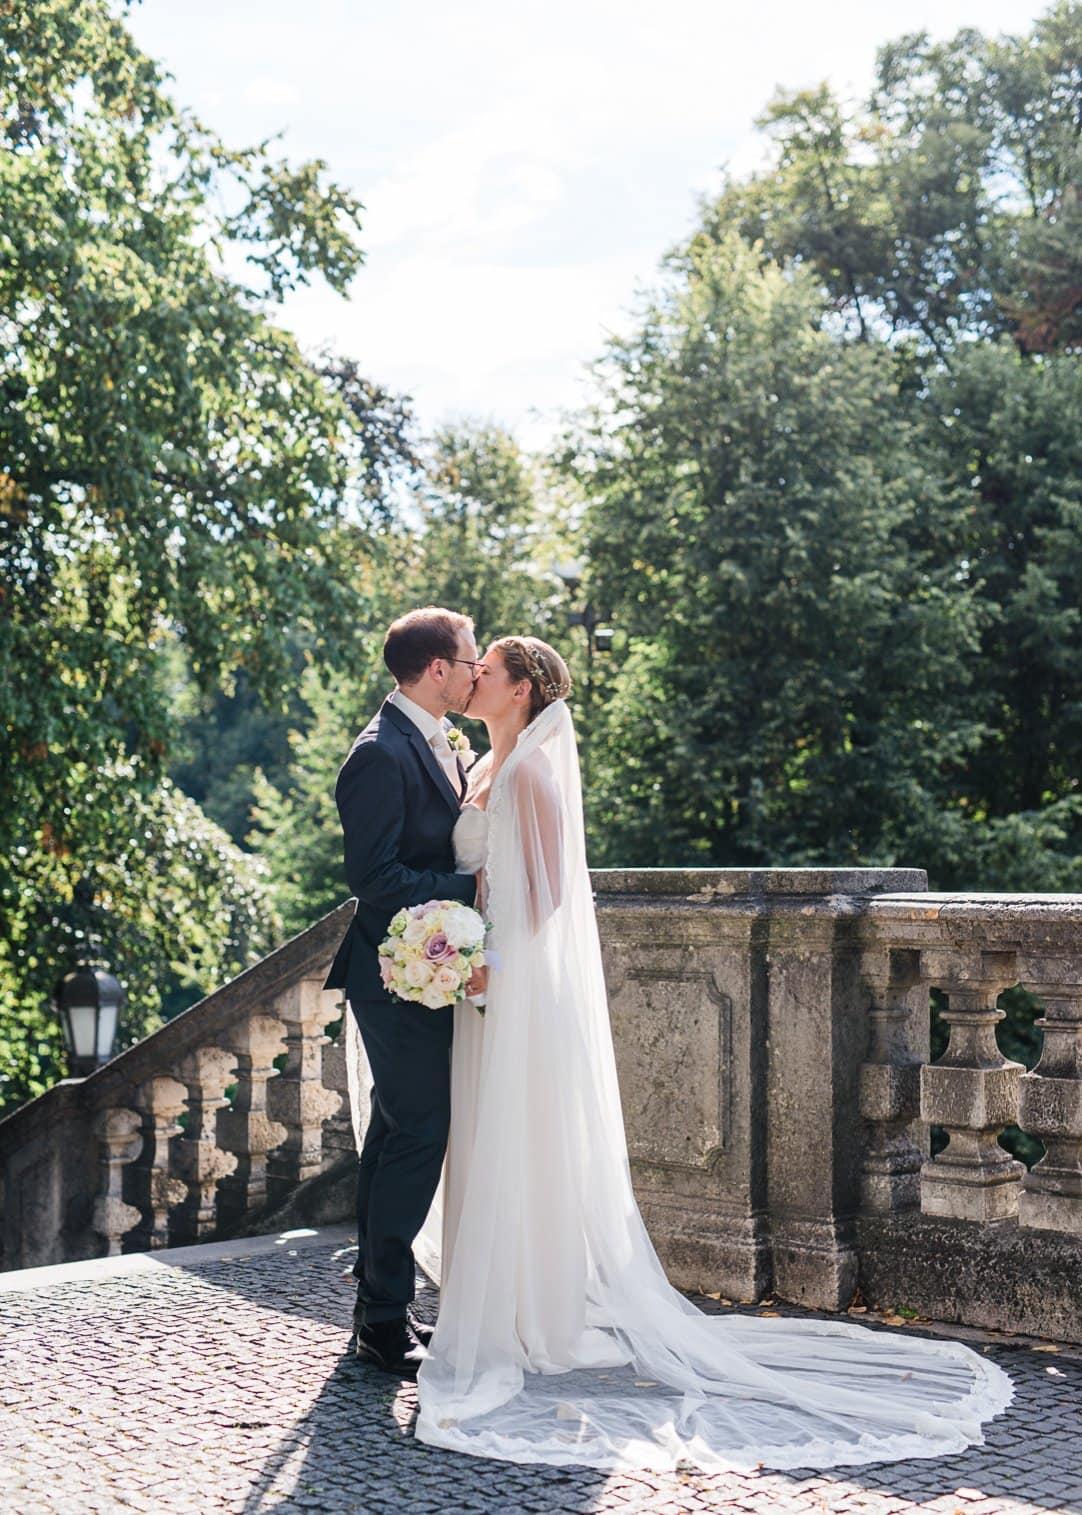 jungundwild-wedding-munich-kuf-vespa-0033